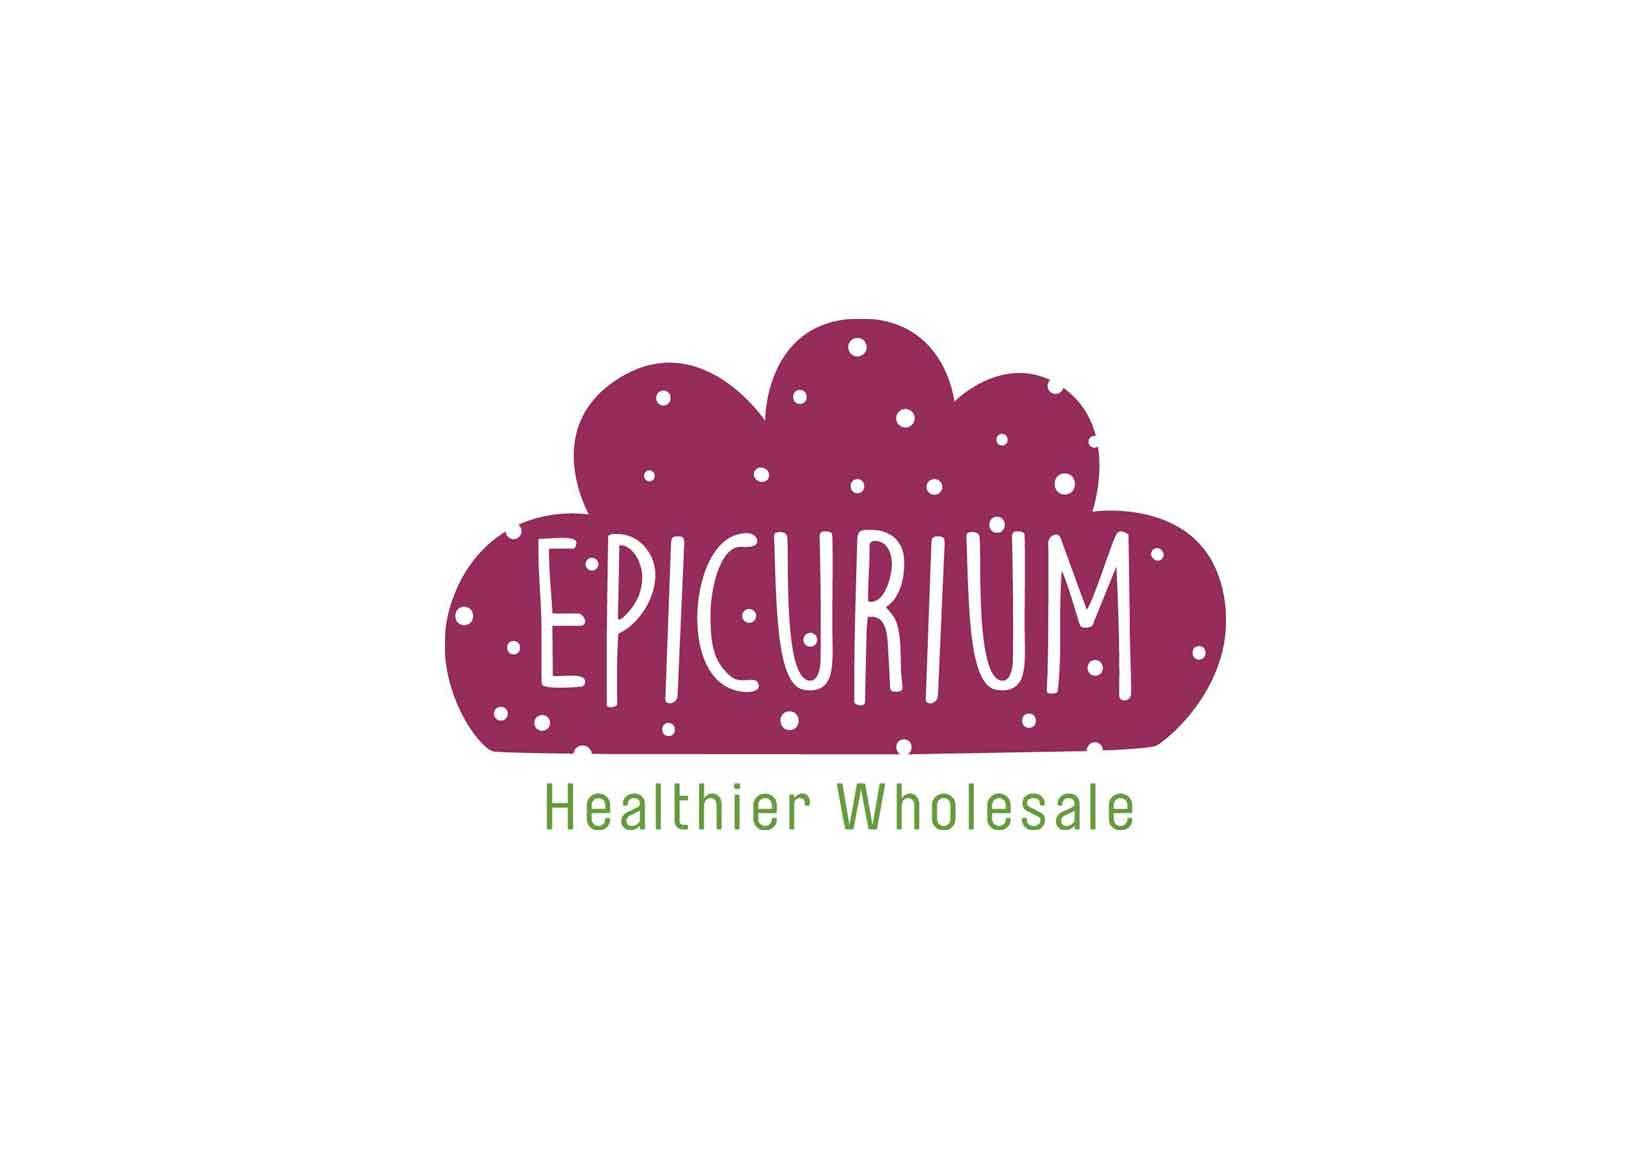 Epicurium